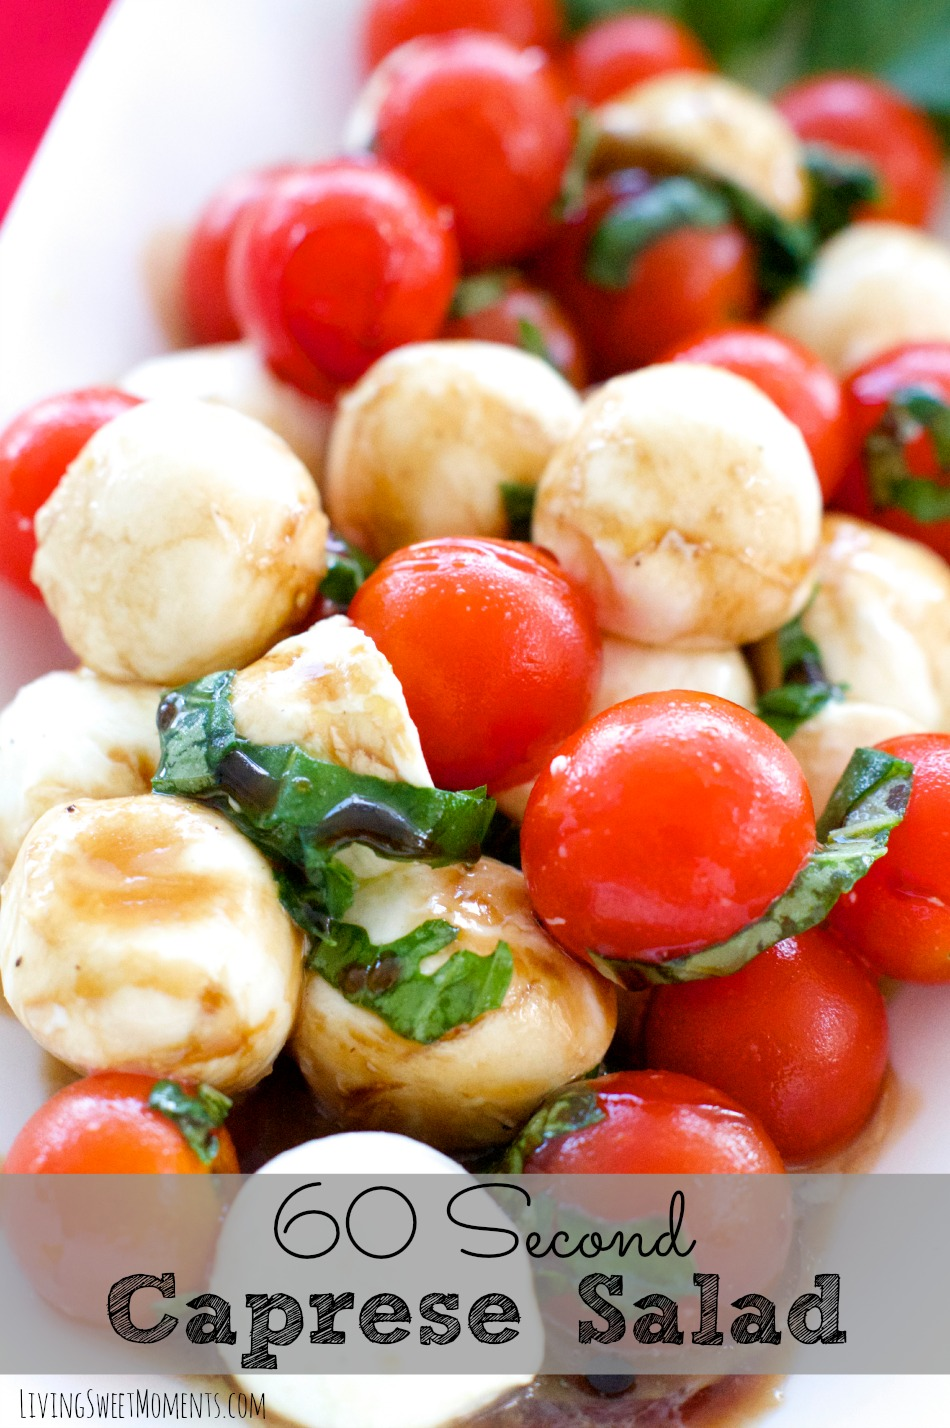 Quick Caprese Salad Recipe - Living Sweet Moments